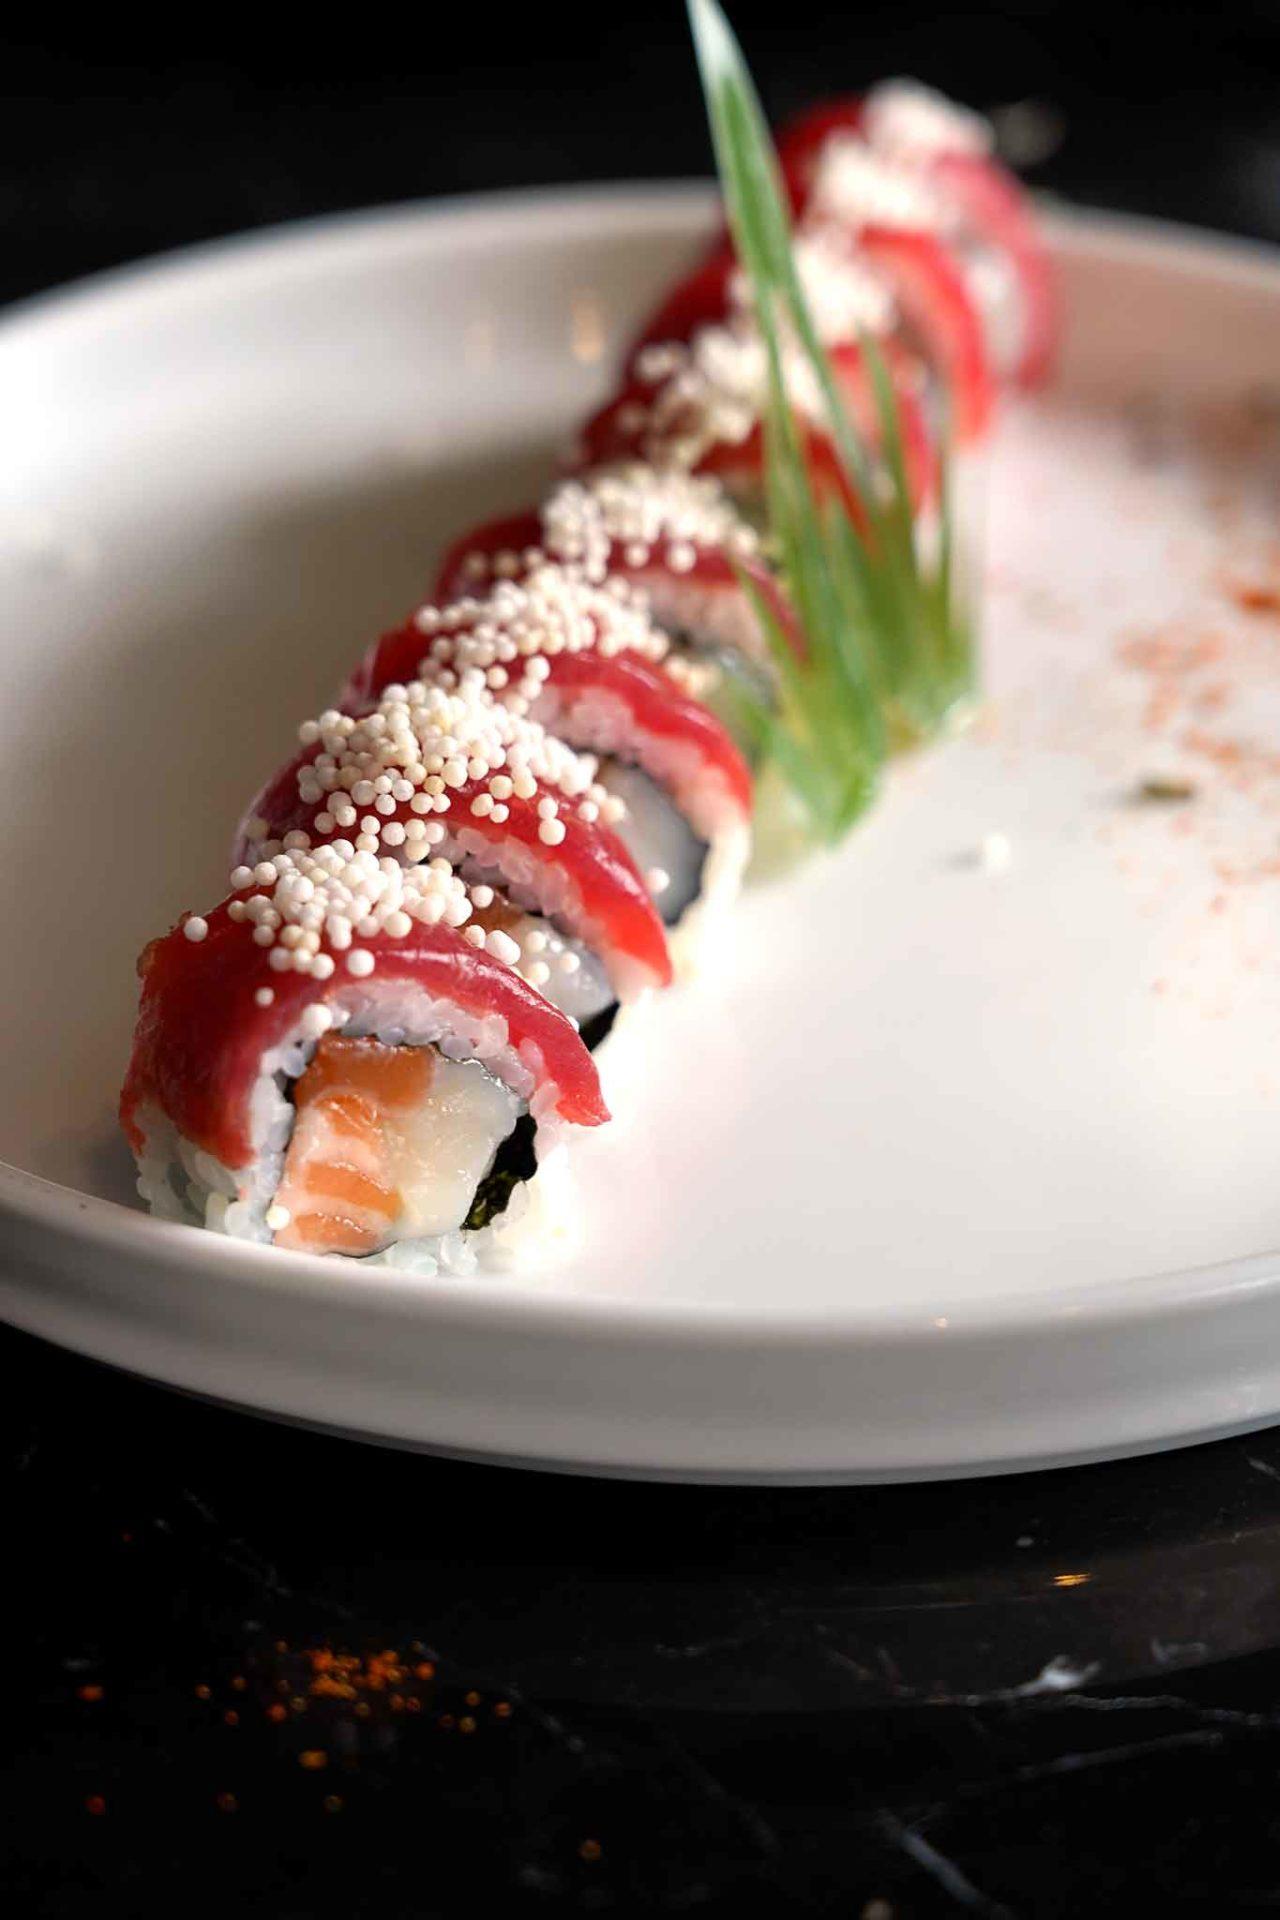 Hoshi ristorante giapponese Agropoli